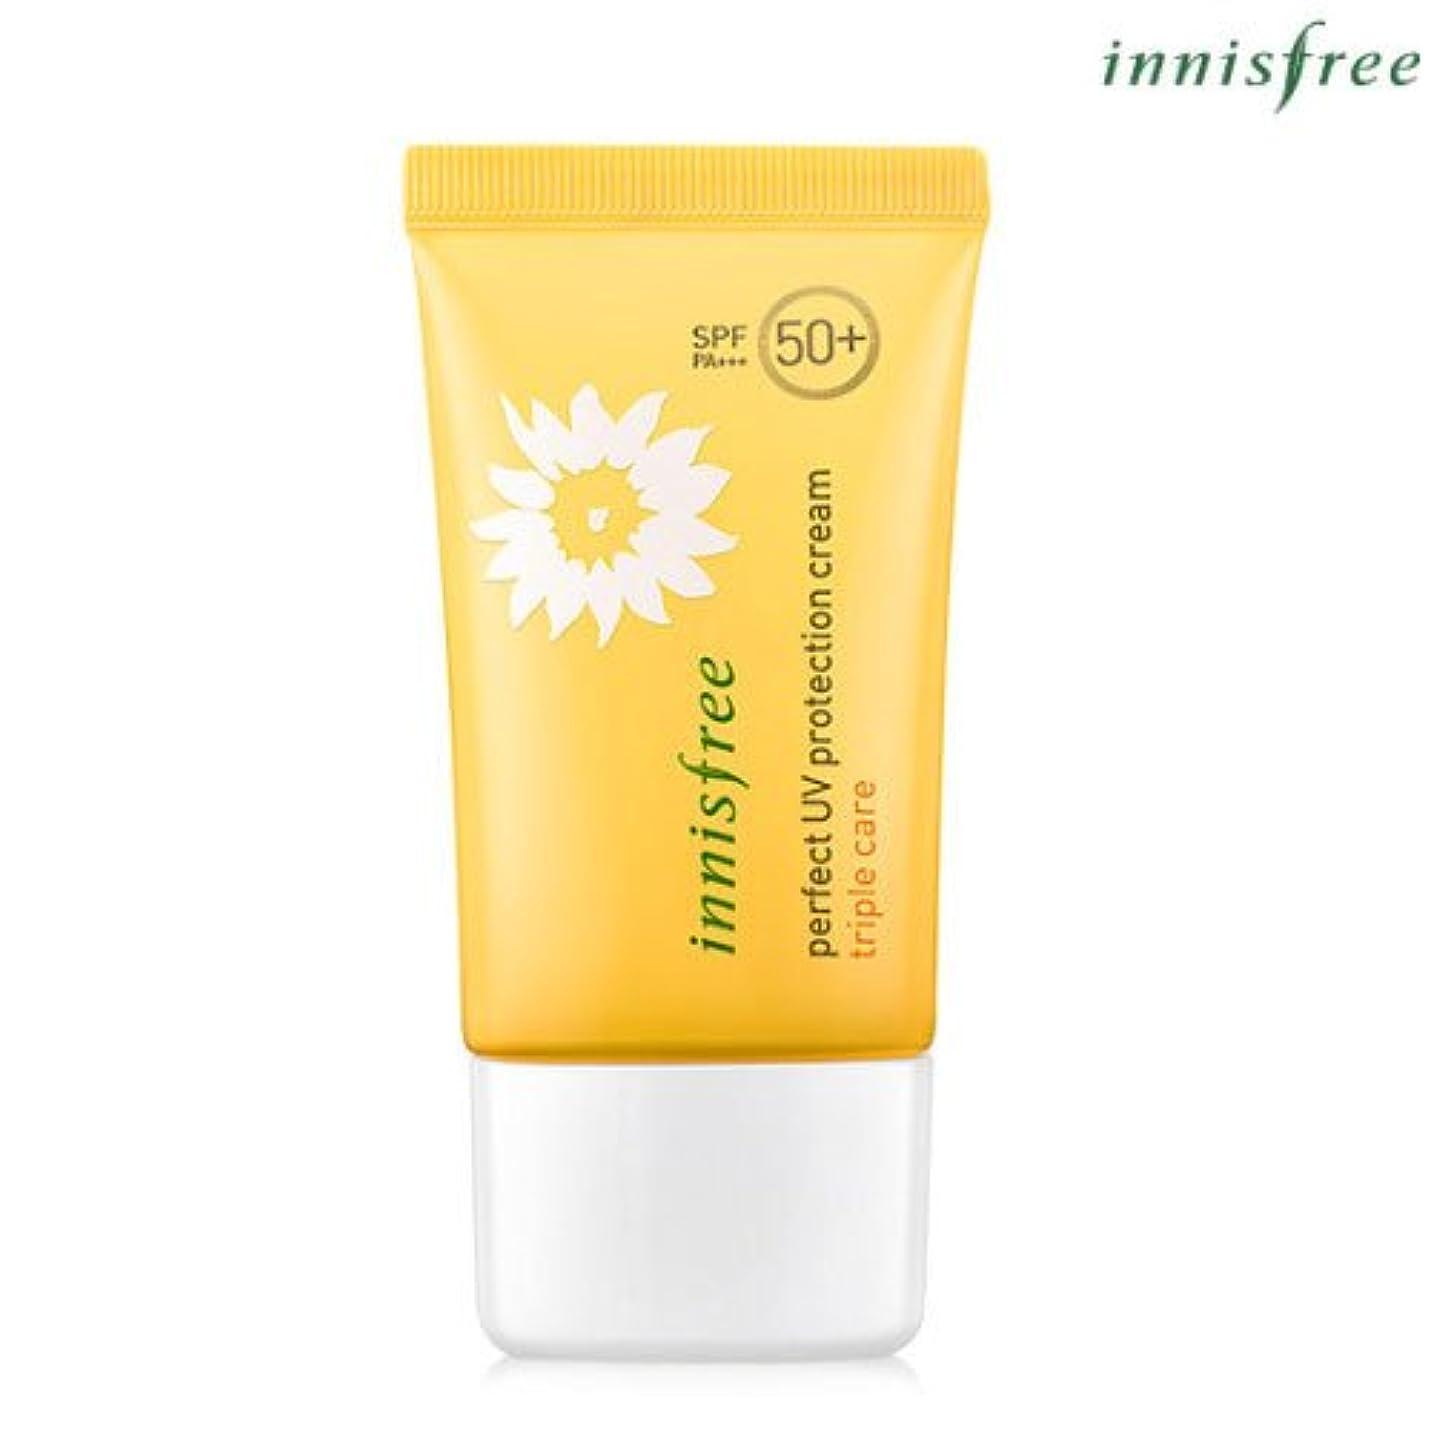 癒すシリーズ調べる[INNISFREE]イニスフリーパーフェクトUV プロテクション クリームトリプルケアSPF50+ PA+++ 50mL perfect UV protection cream triple care SPF50+ PA...